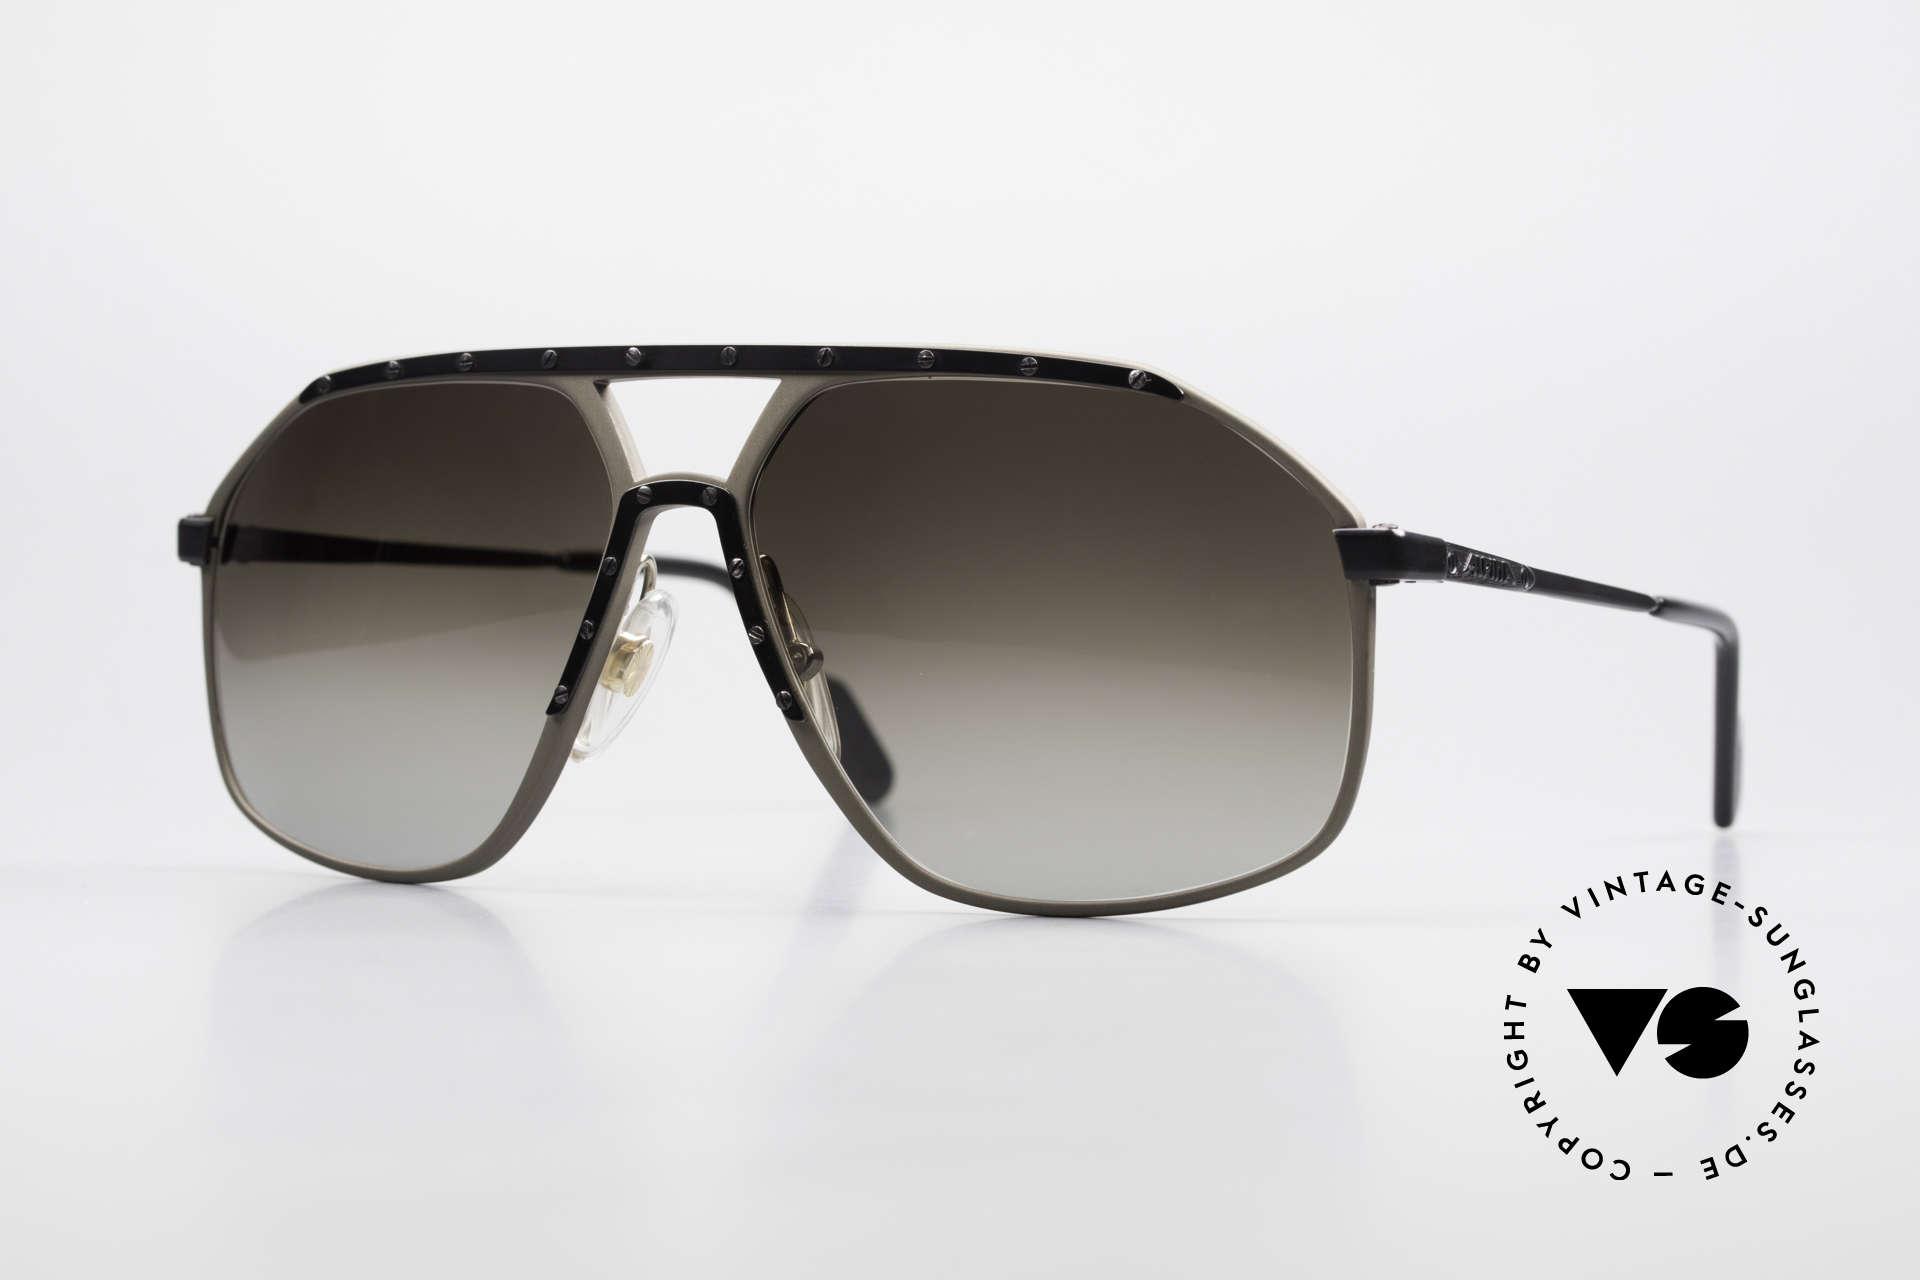 Alpina M1/7 Rare Vintage Sonnenbrille 90er, M1/7 = Nachfolger / Modifikation der alten Alpina M1, Passend für Herren